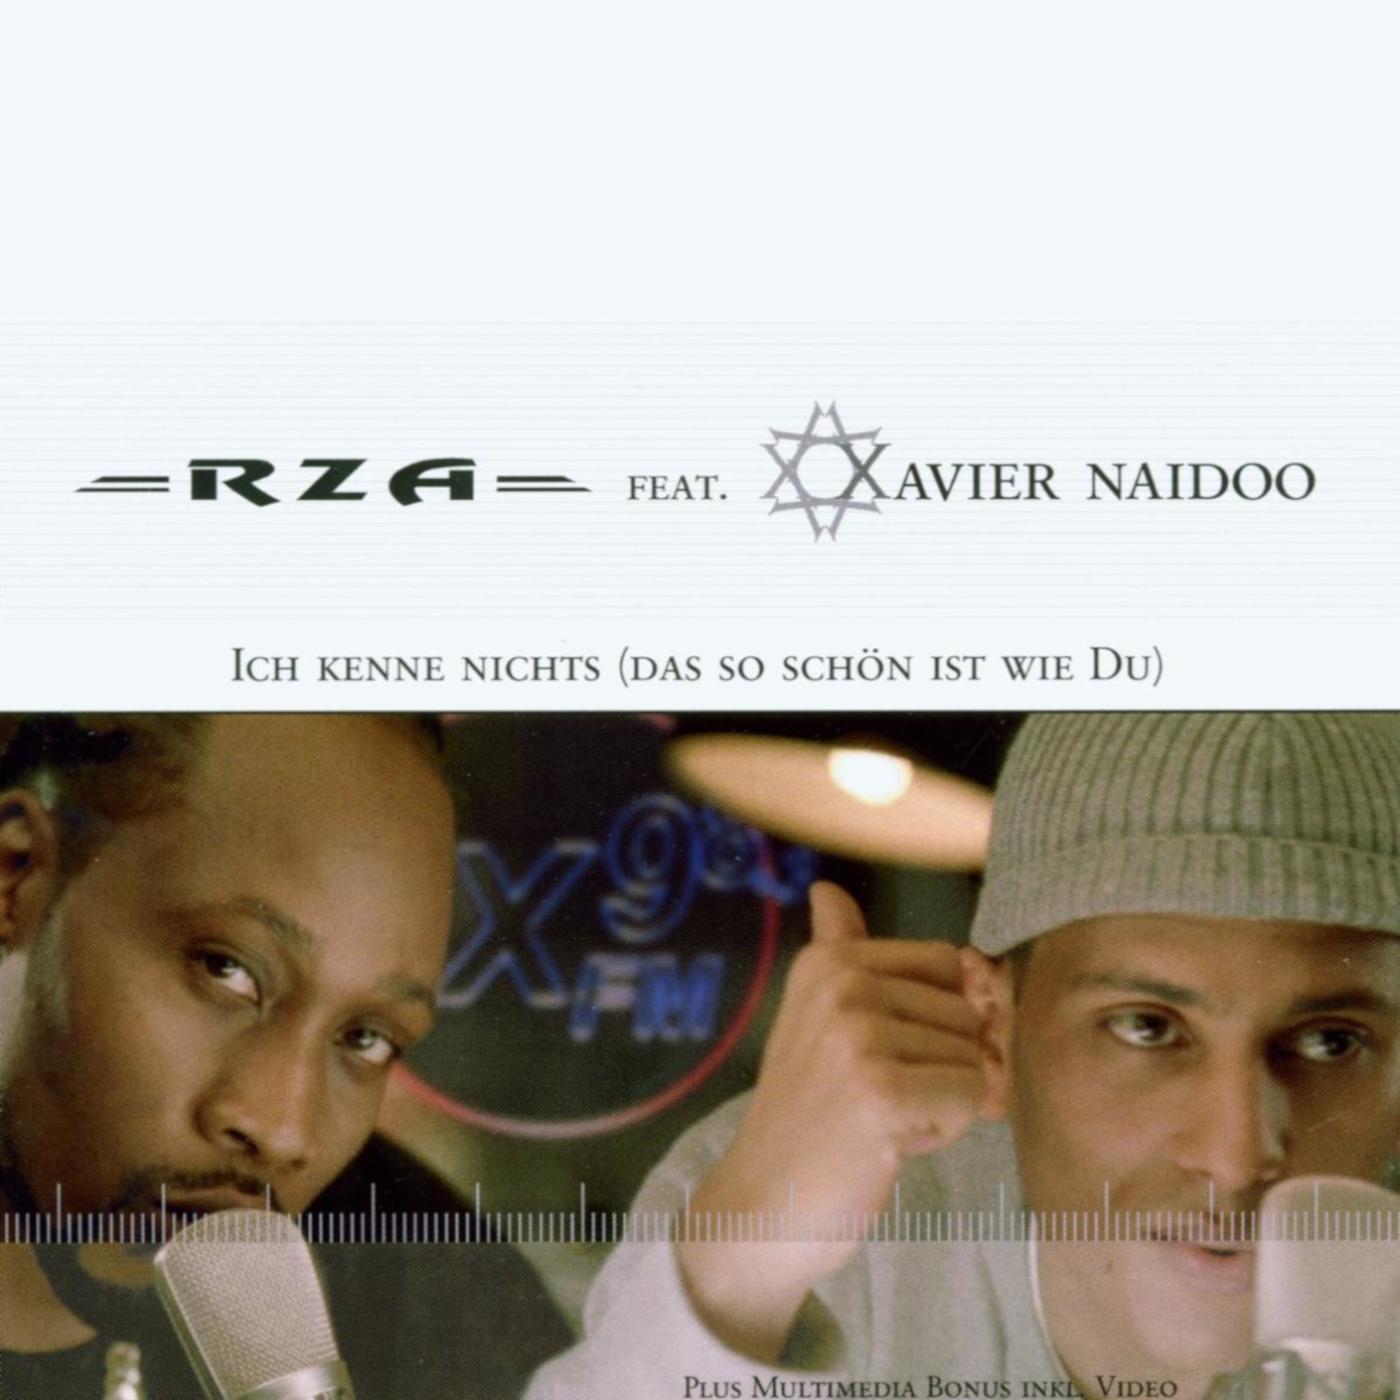 Ich kenne nichts (das so schön ist wie du) - Xavier Naidoo